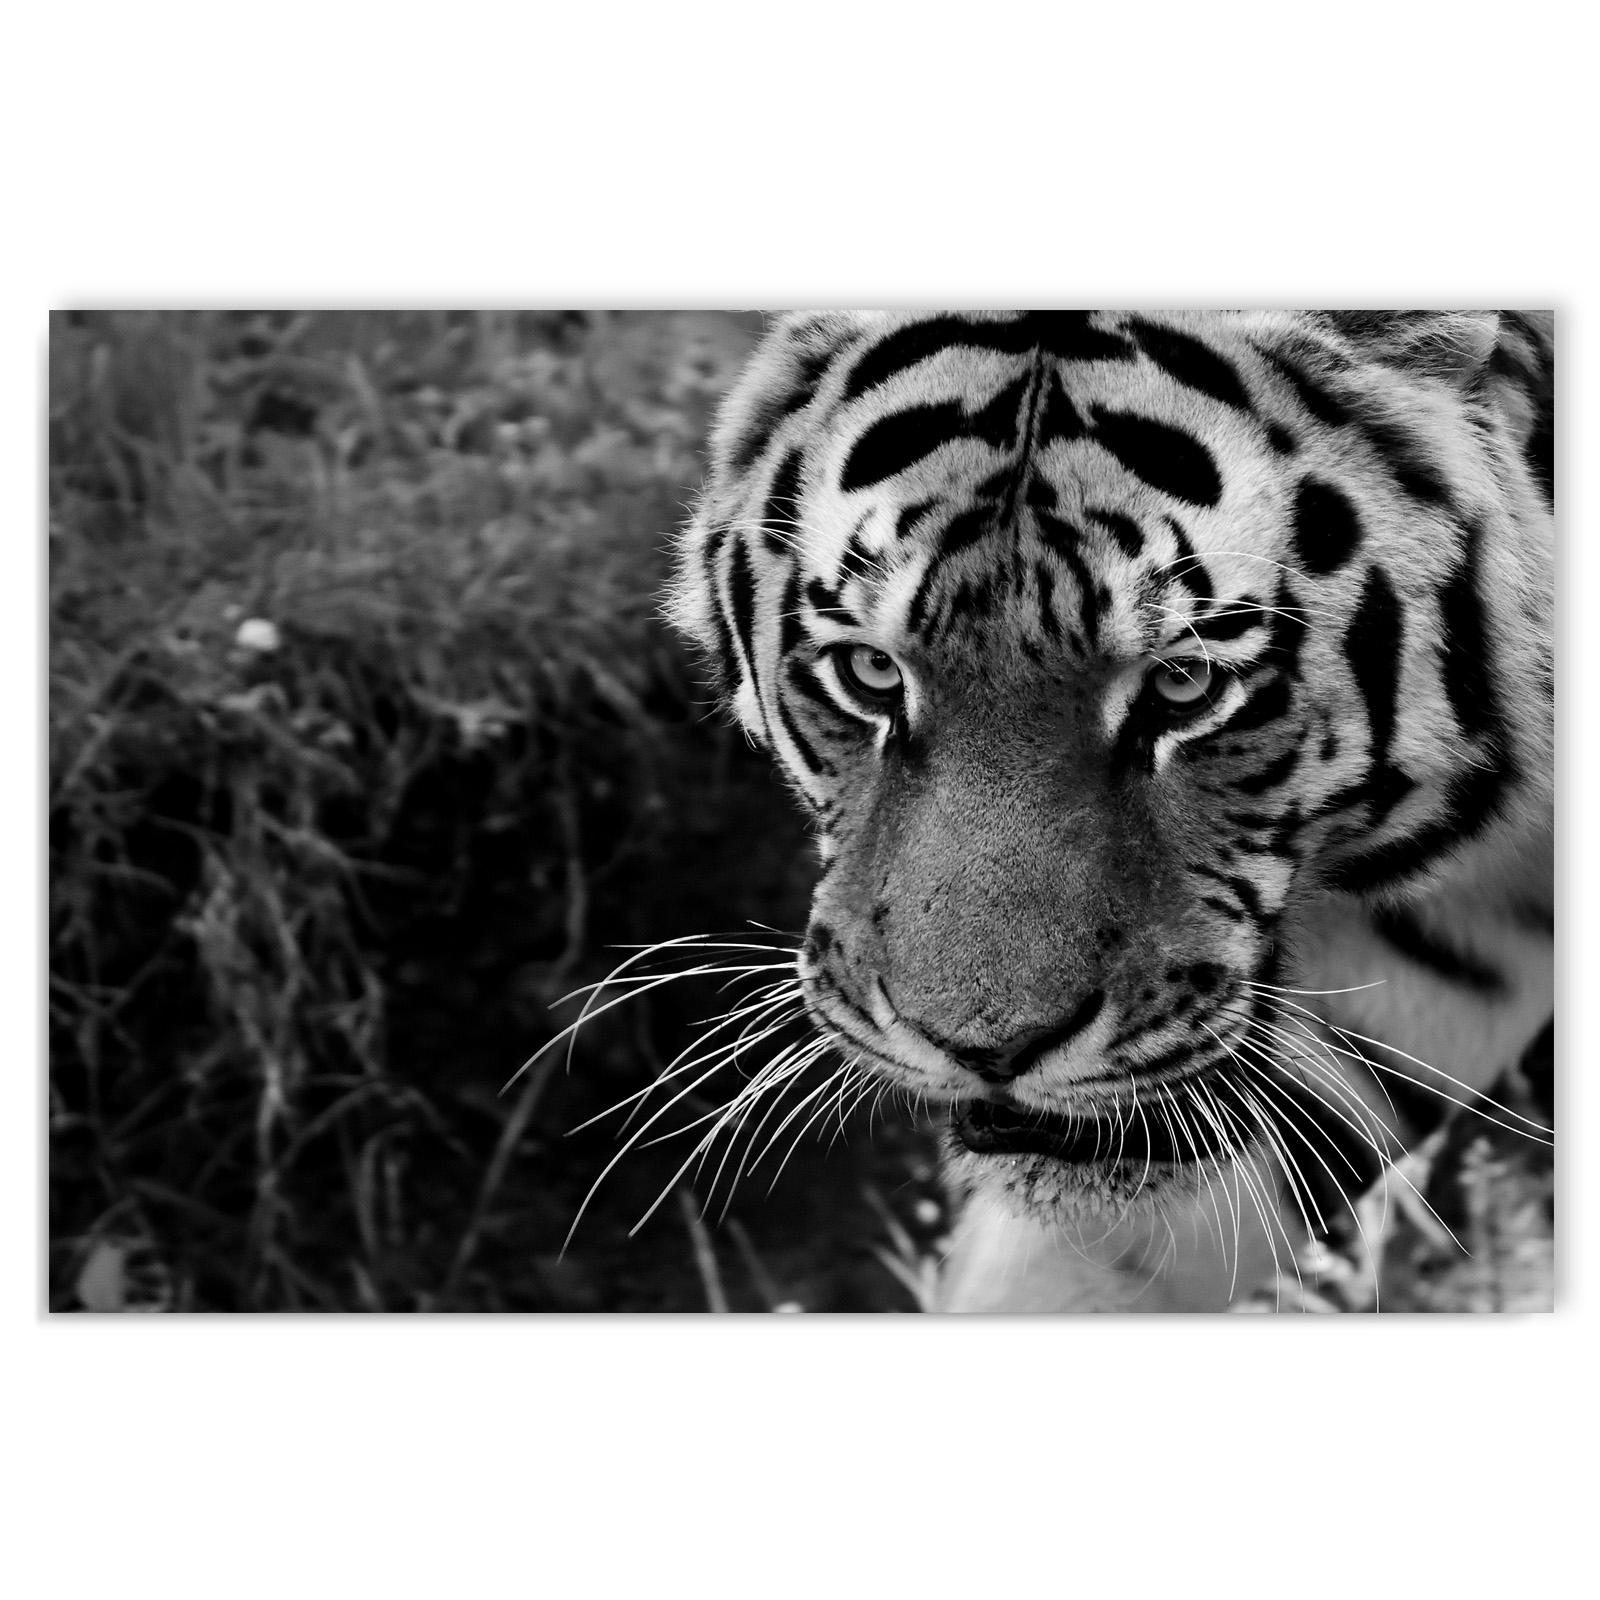 leinwand kunstdruck bilder wandbild tiger tiere natur schwarz wei 60 x 80 ebay. Black Bedroom Furniture Sets. Home Design Ideas